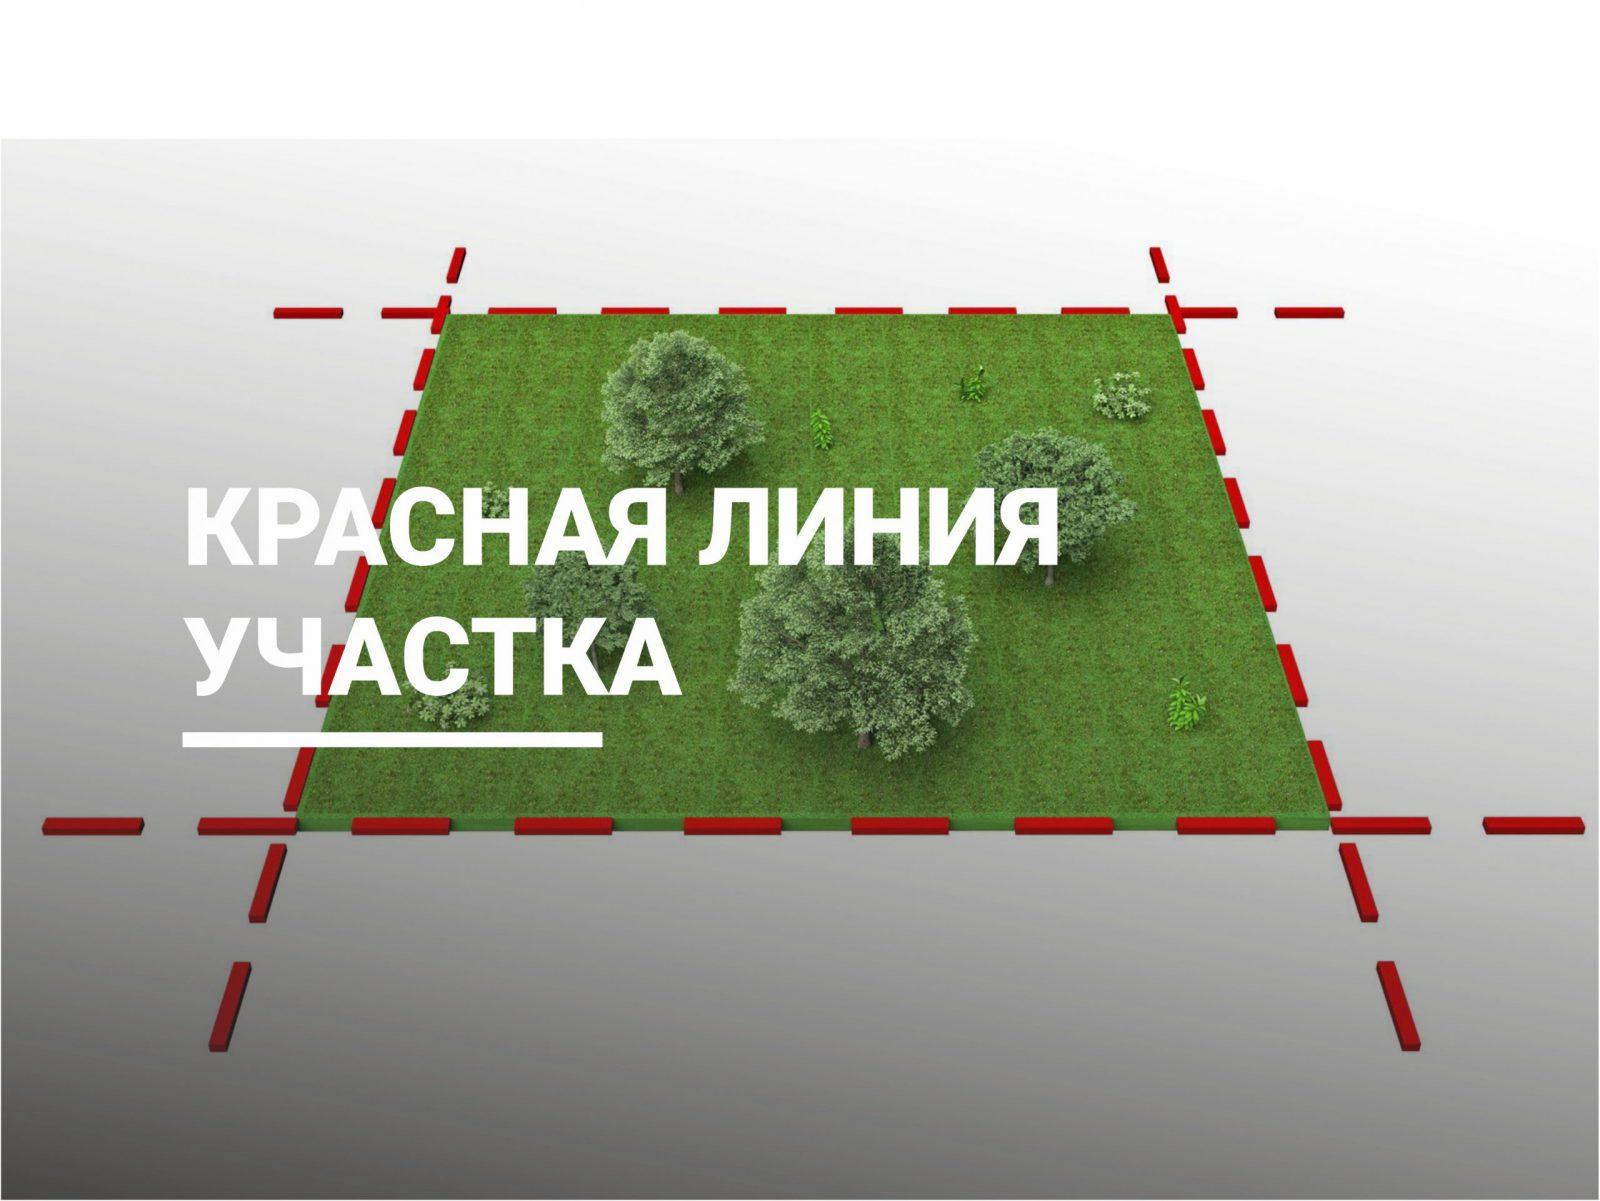 Красная линия застройки